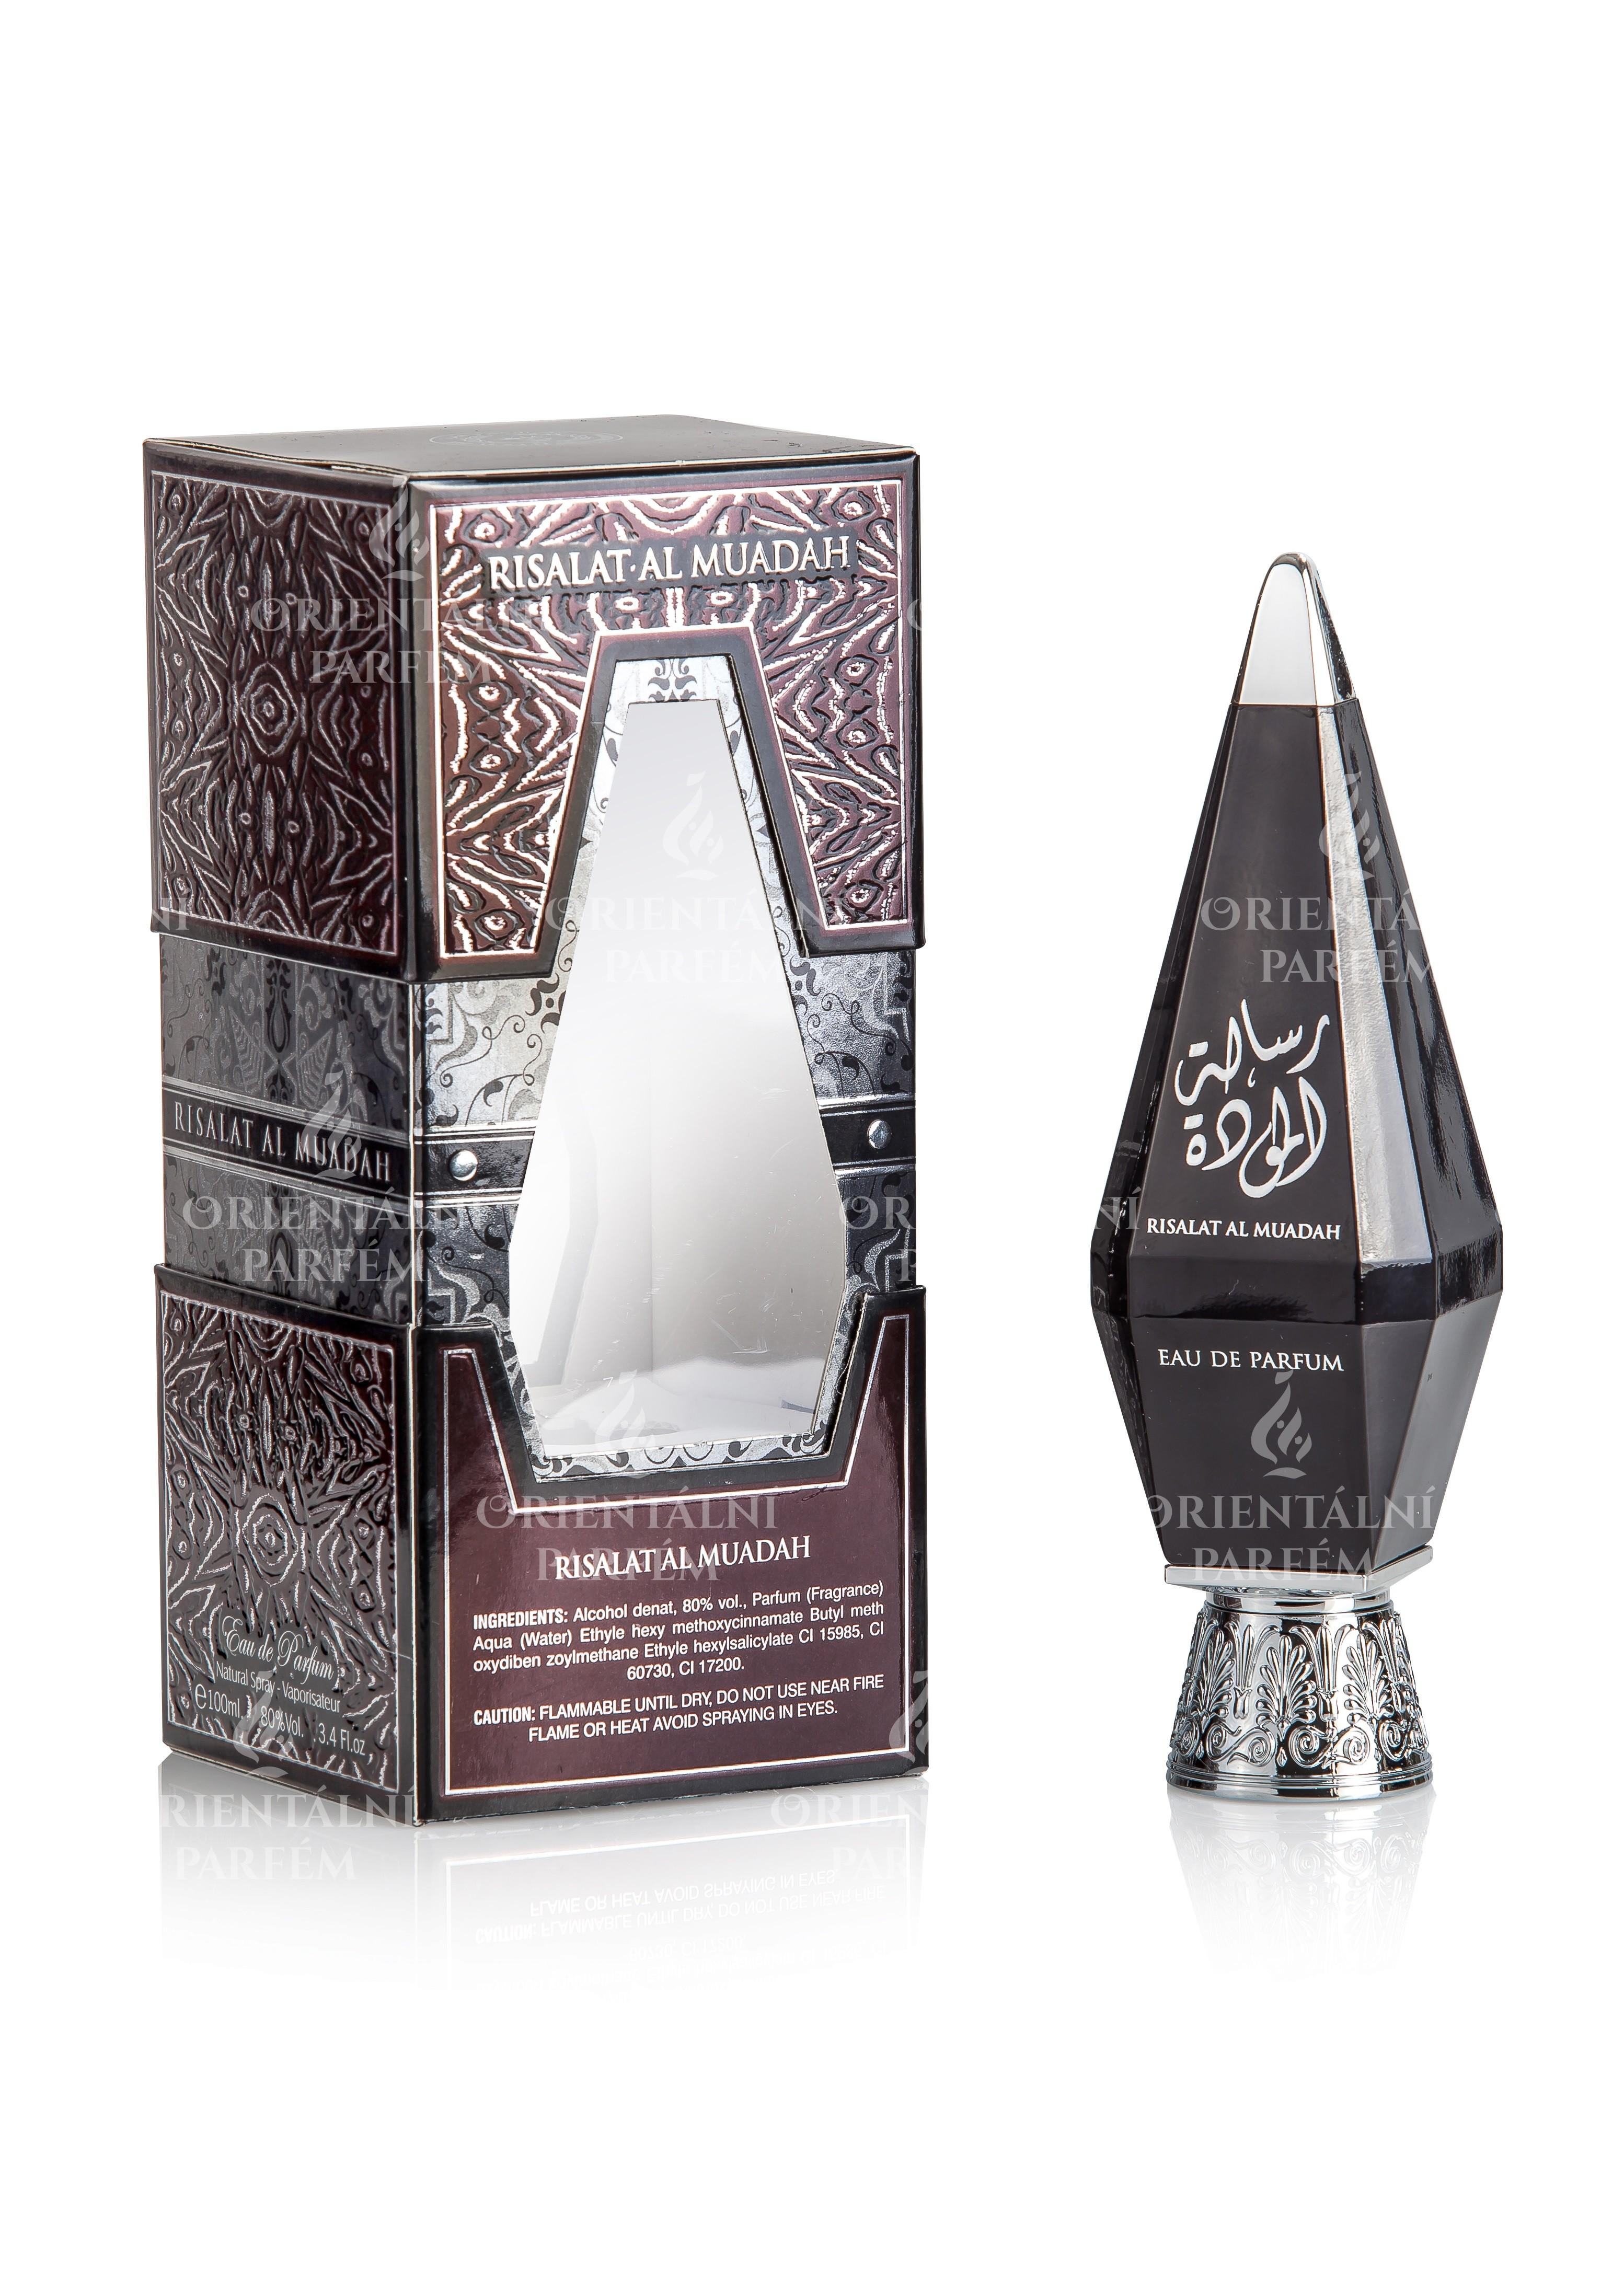 Risalat Al Muadah Silver